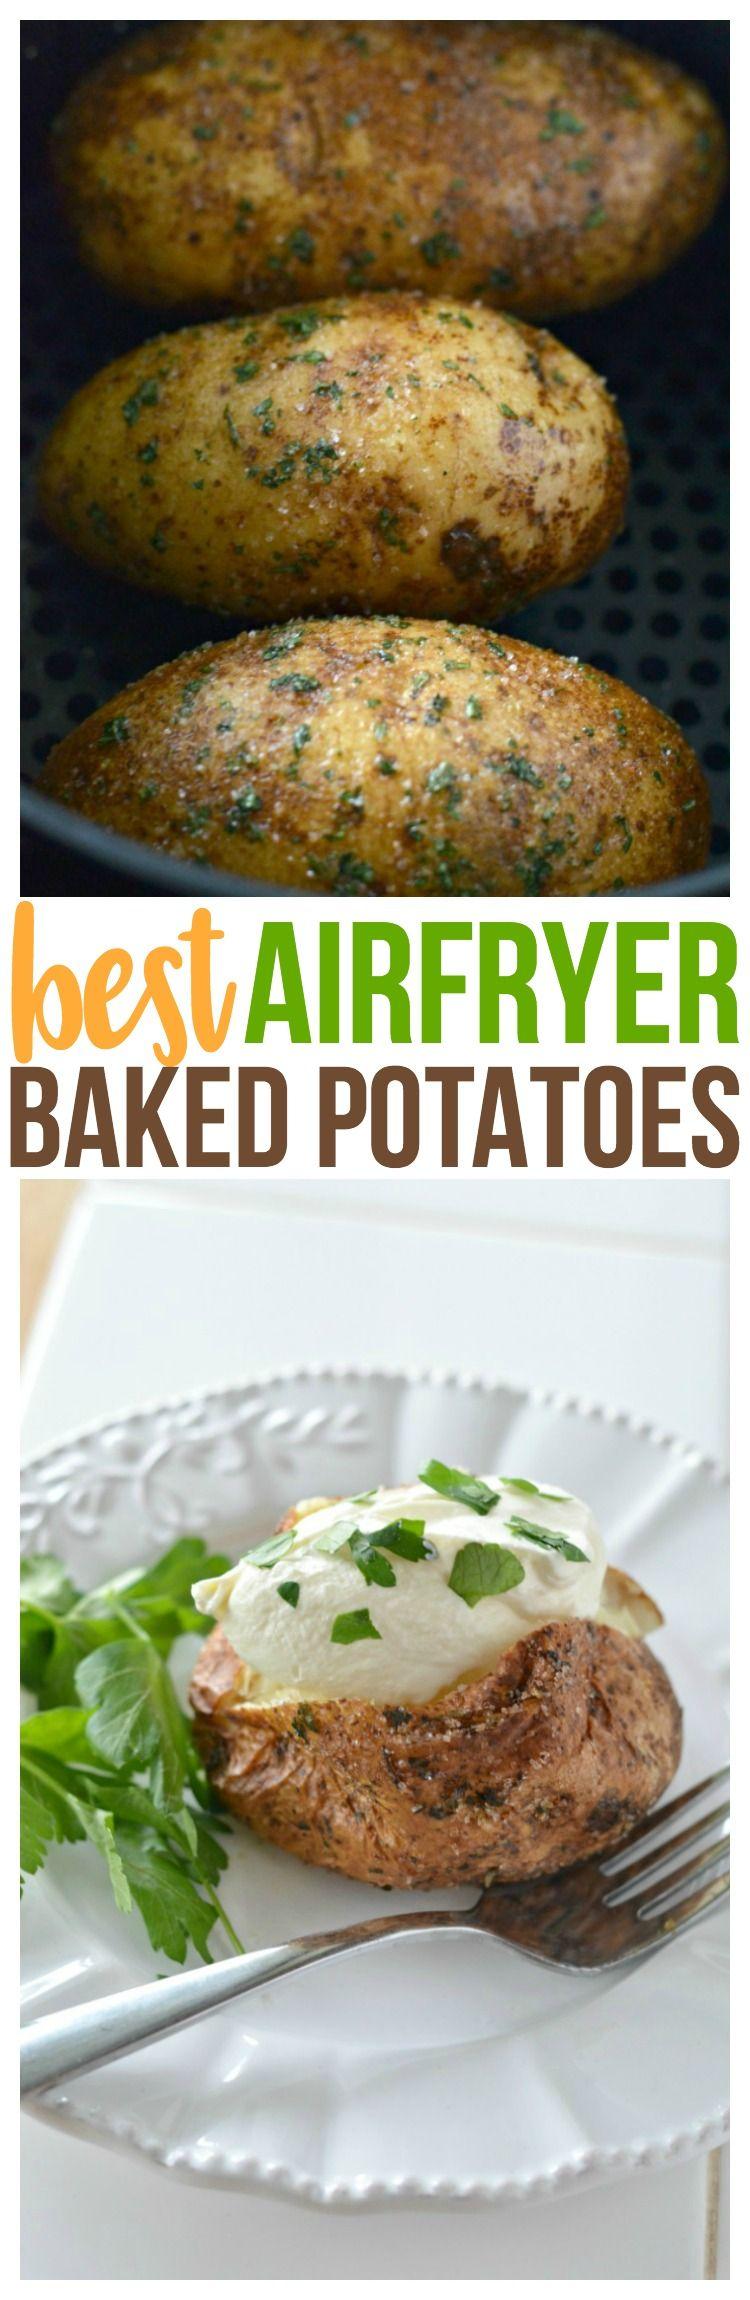 Air Fryer Baked Potato #airfryerrecipes